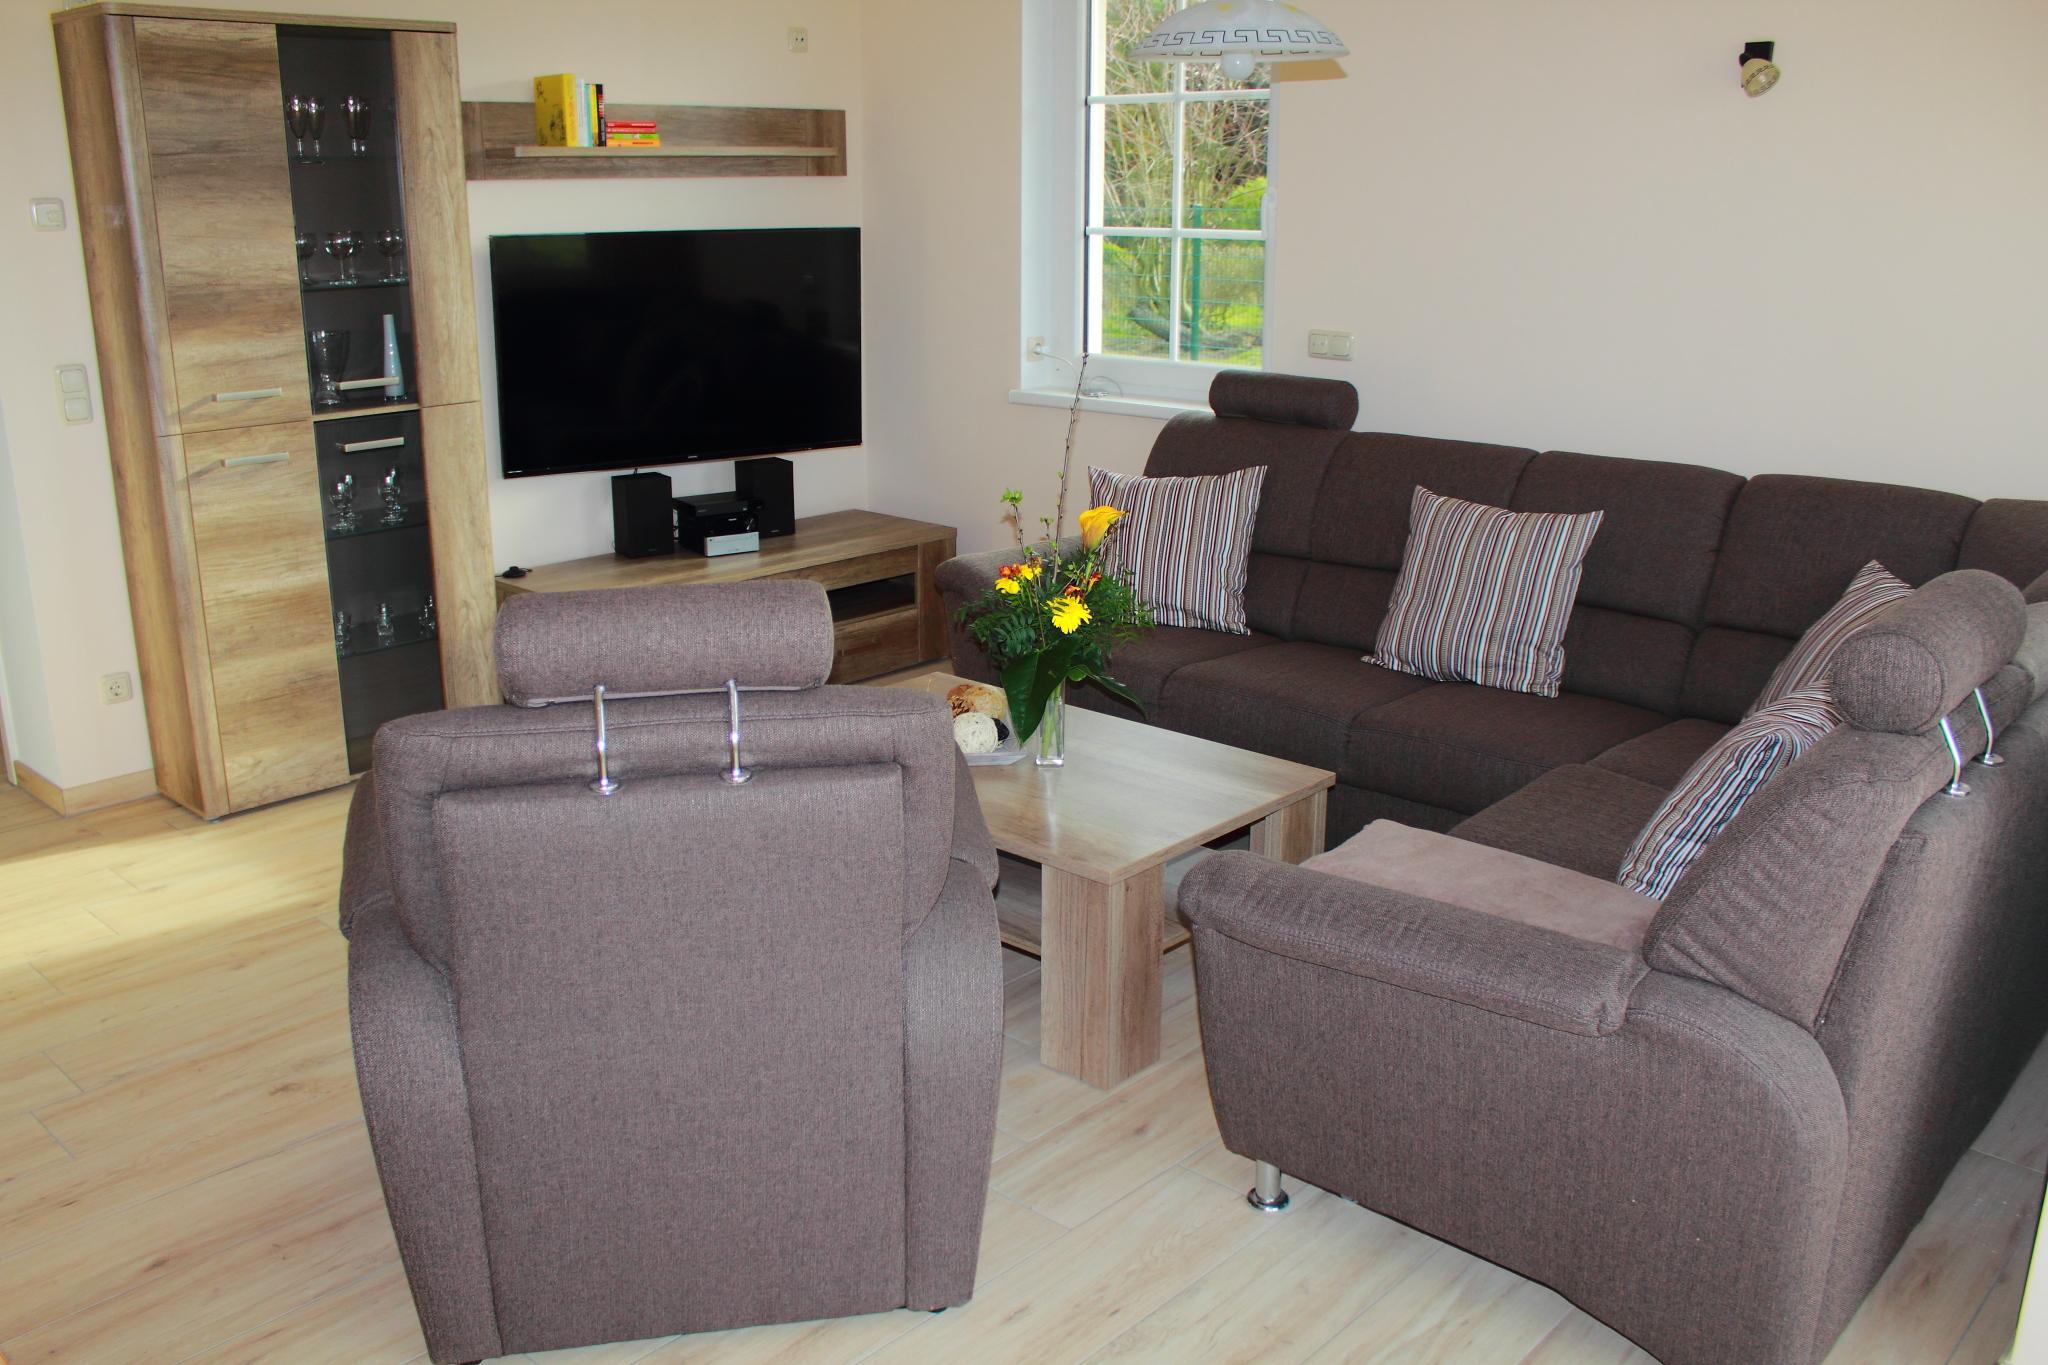 wohnzimmer mit integriertem essbereich. Black Bedroom Furniture Sets. Home Design Ideas